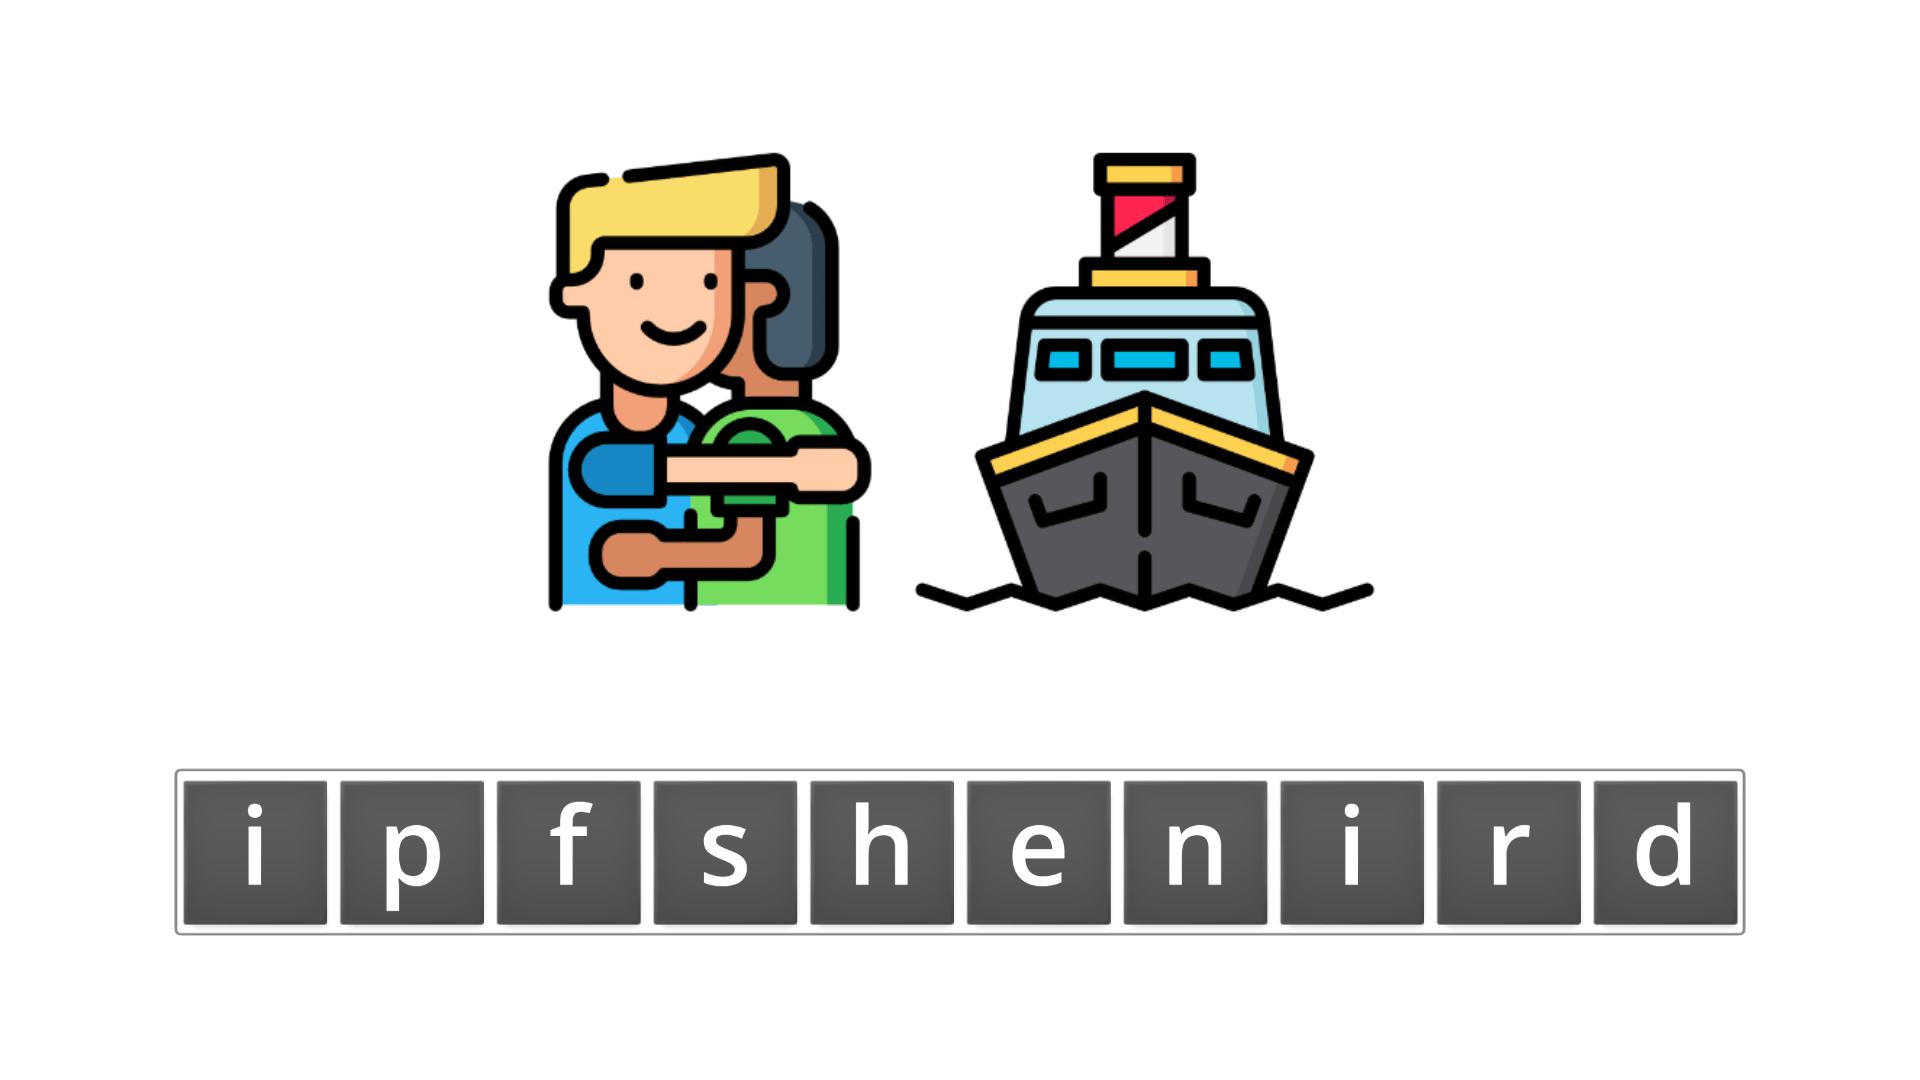 esl resources - flashcards - compound nouns - unscramble - friendship